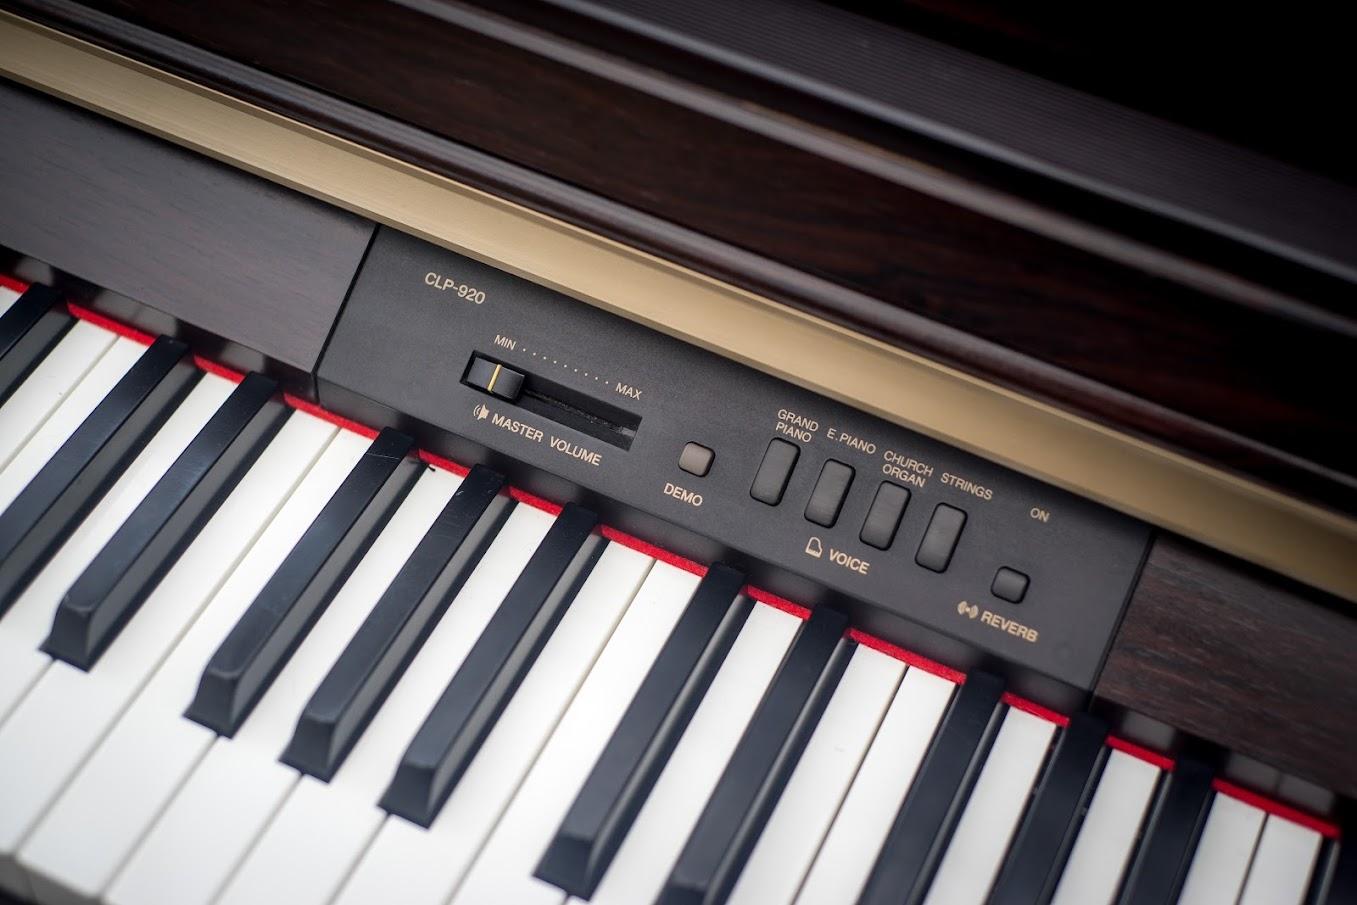 Yamaha clavinova full size digital piano 88 keys notes for Yamaha full size keyboard with 88 keys